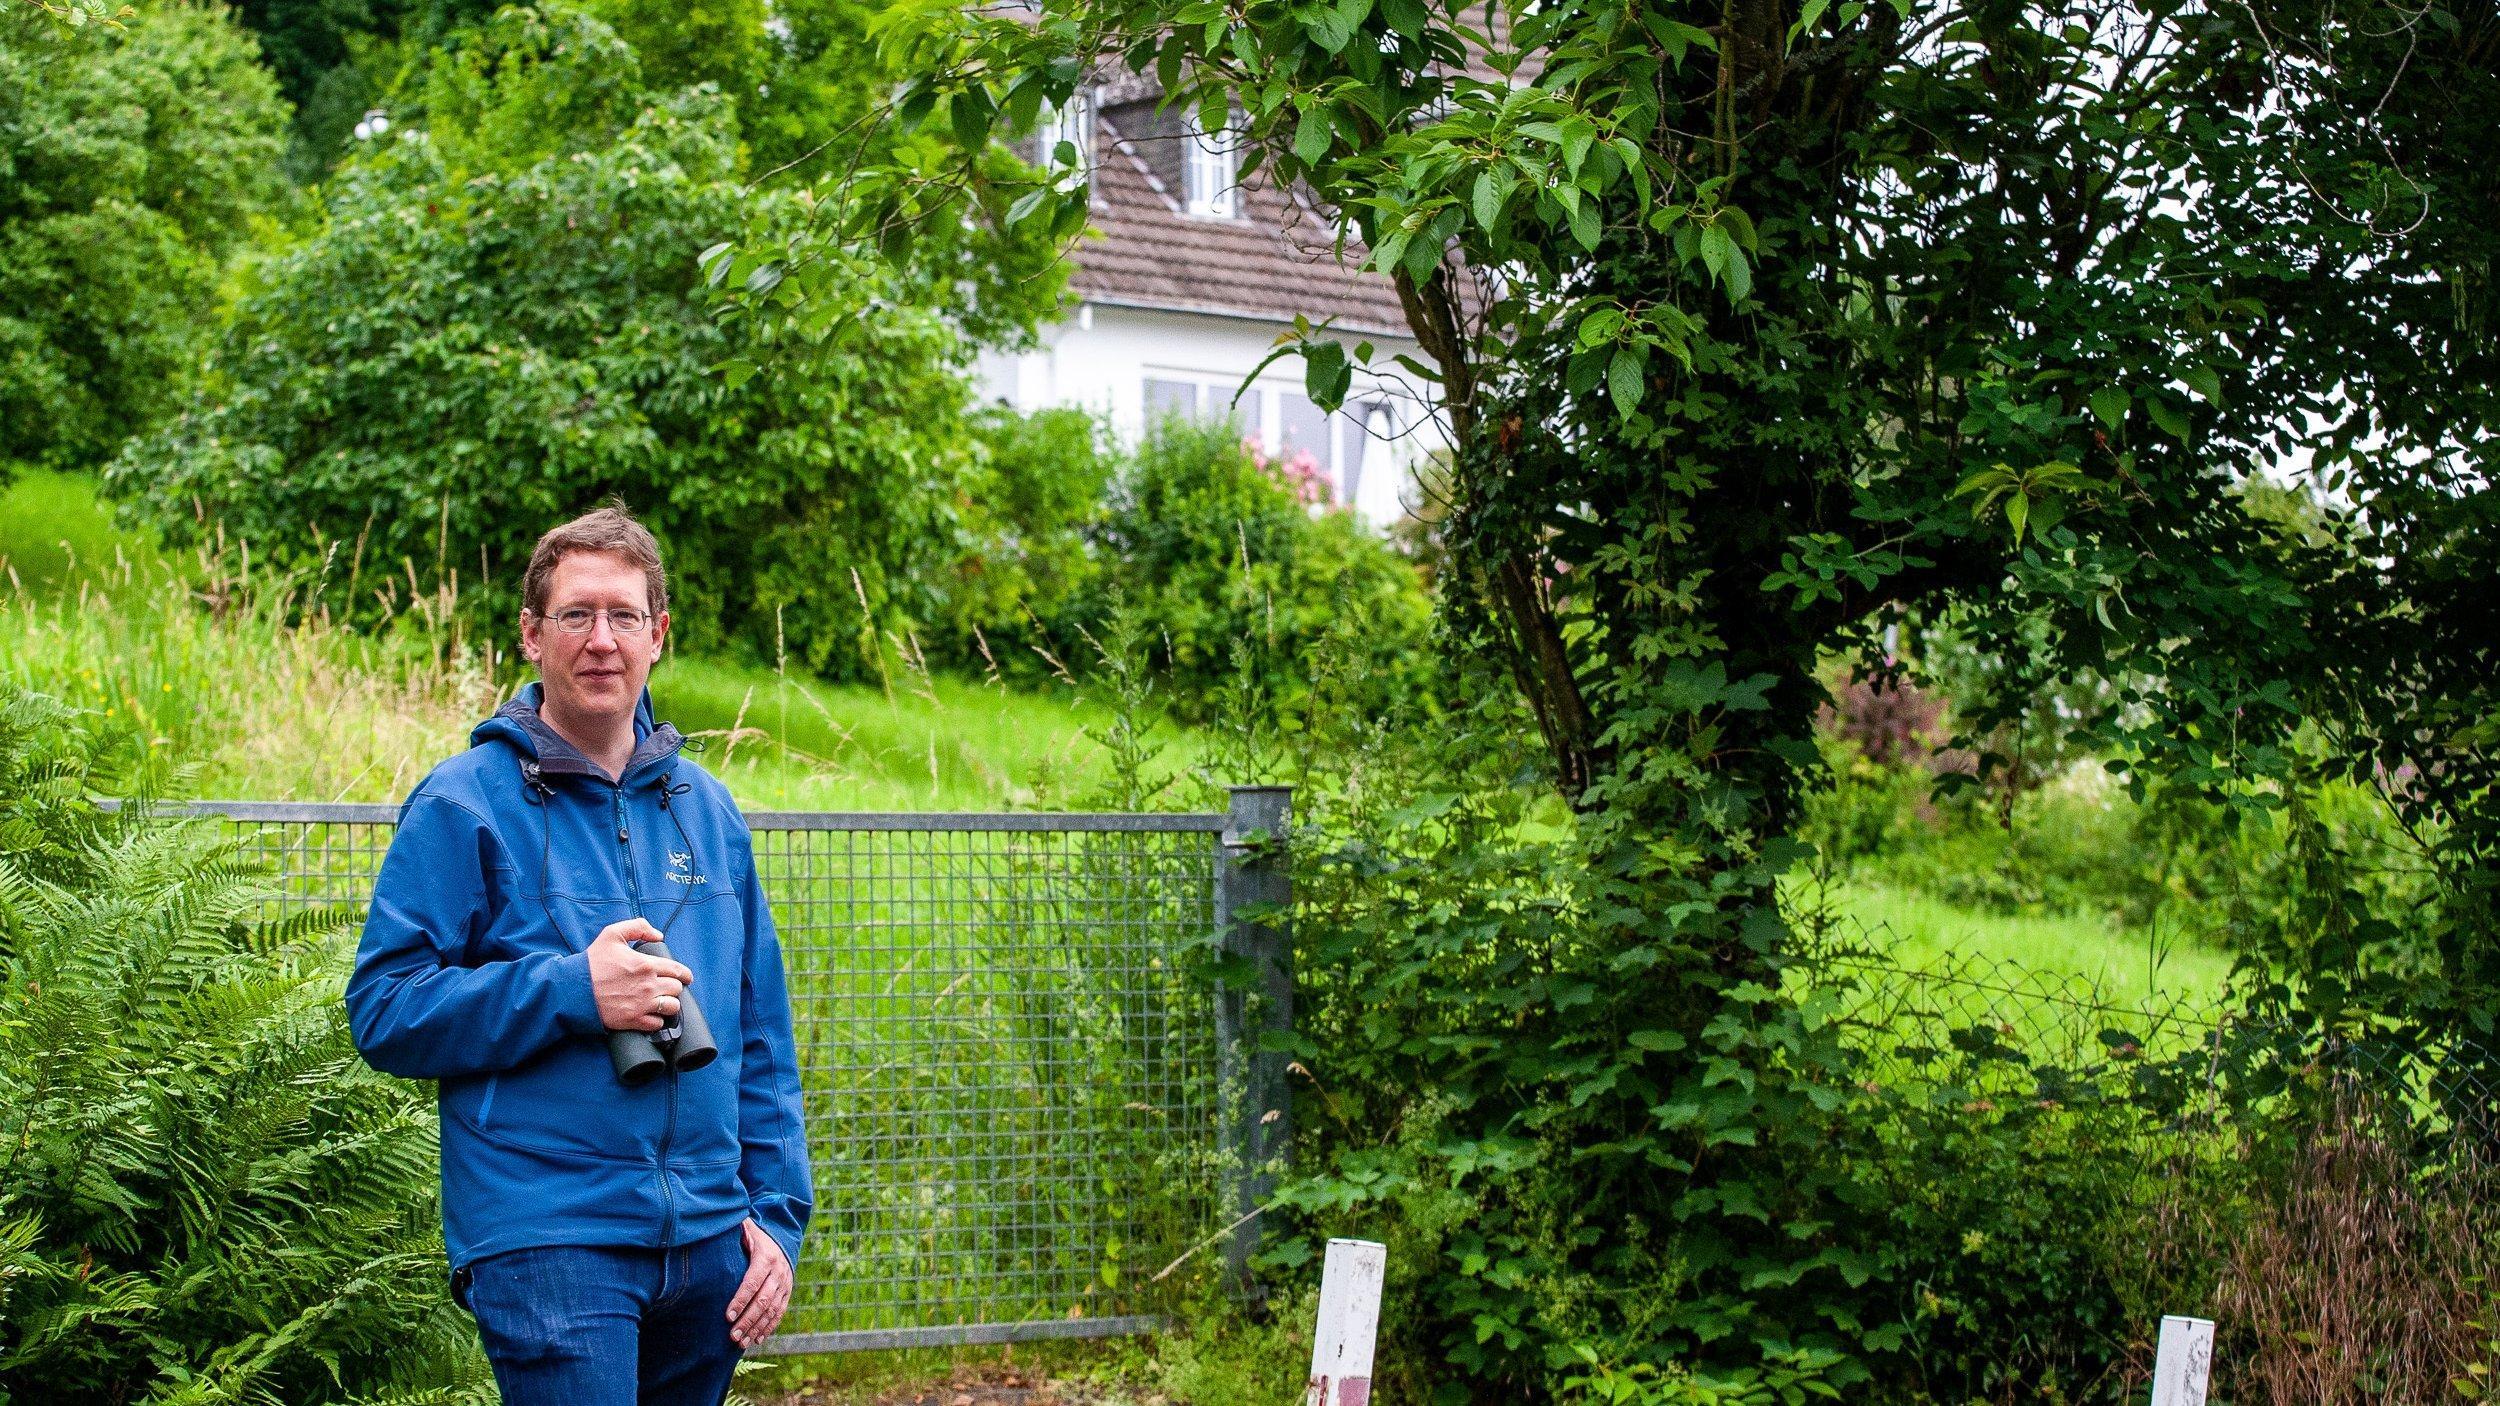 Ein Mann mit einem Fernglas um den Hals steht vor einer abschüssigen Wiese mit hohem Gras und ein paar alten Obstbäumen.